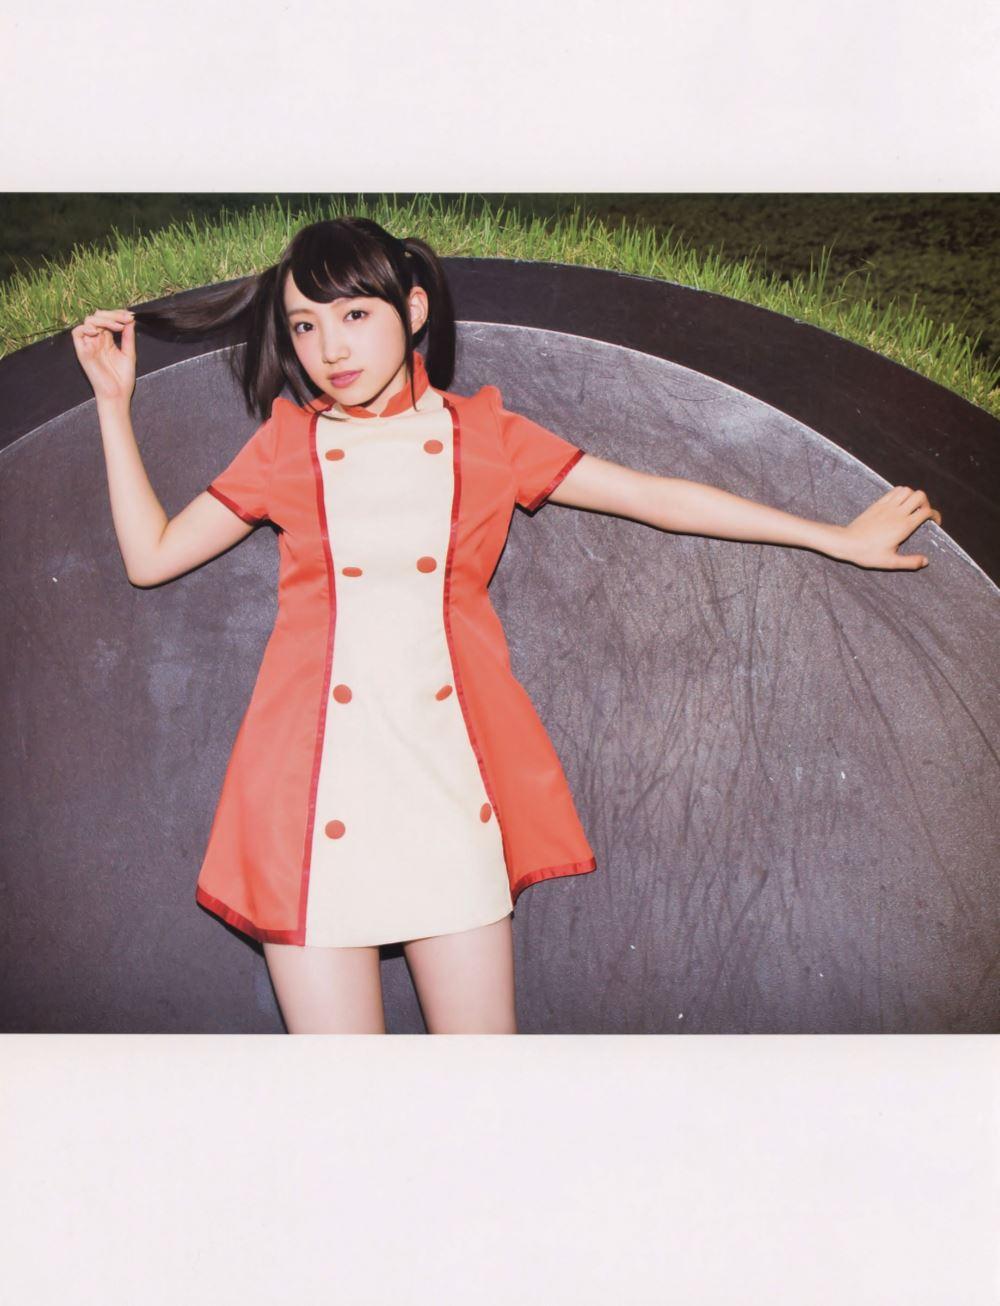 太田夢莉 1万年に1人 可愛い アイドル 水着 画像 2